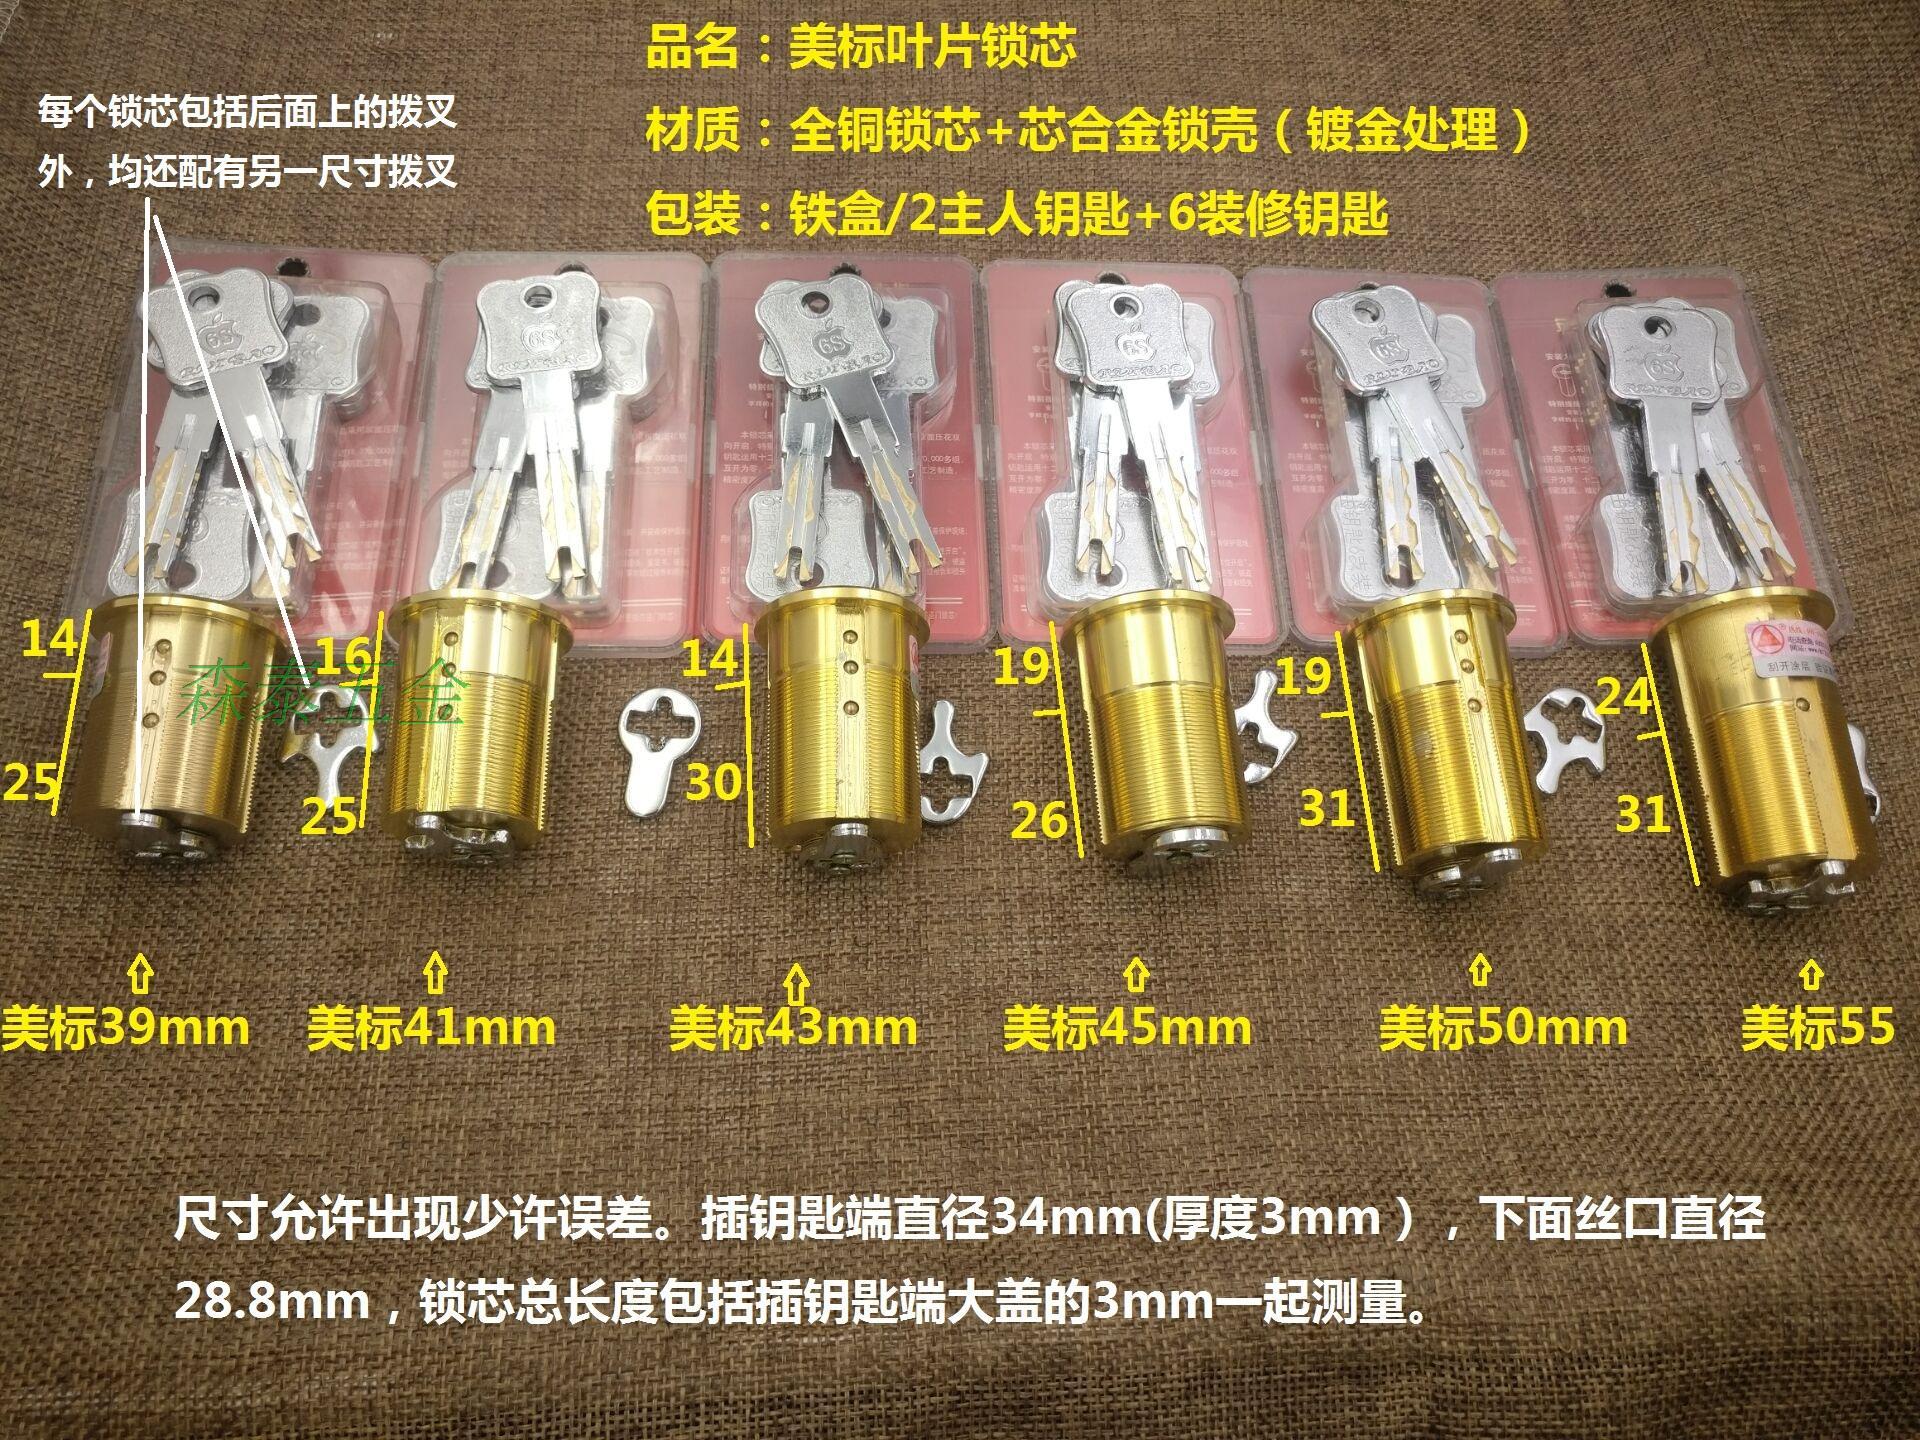 美标锁芯 超C级双面叶片边柱螺纹锁头 宾馆锁芯 指纹锁锁芯各种ab